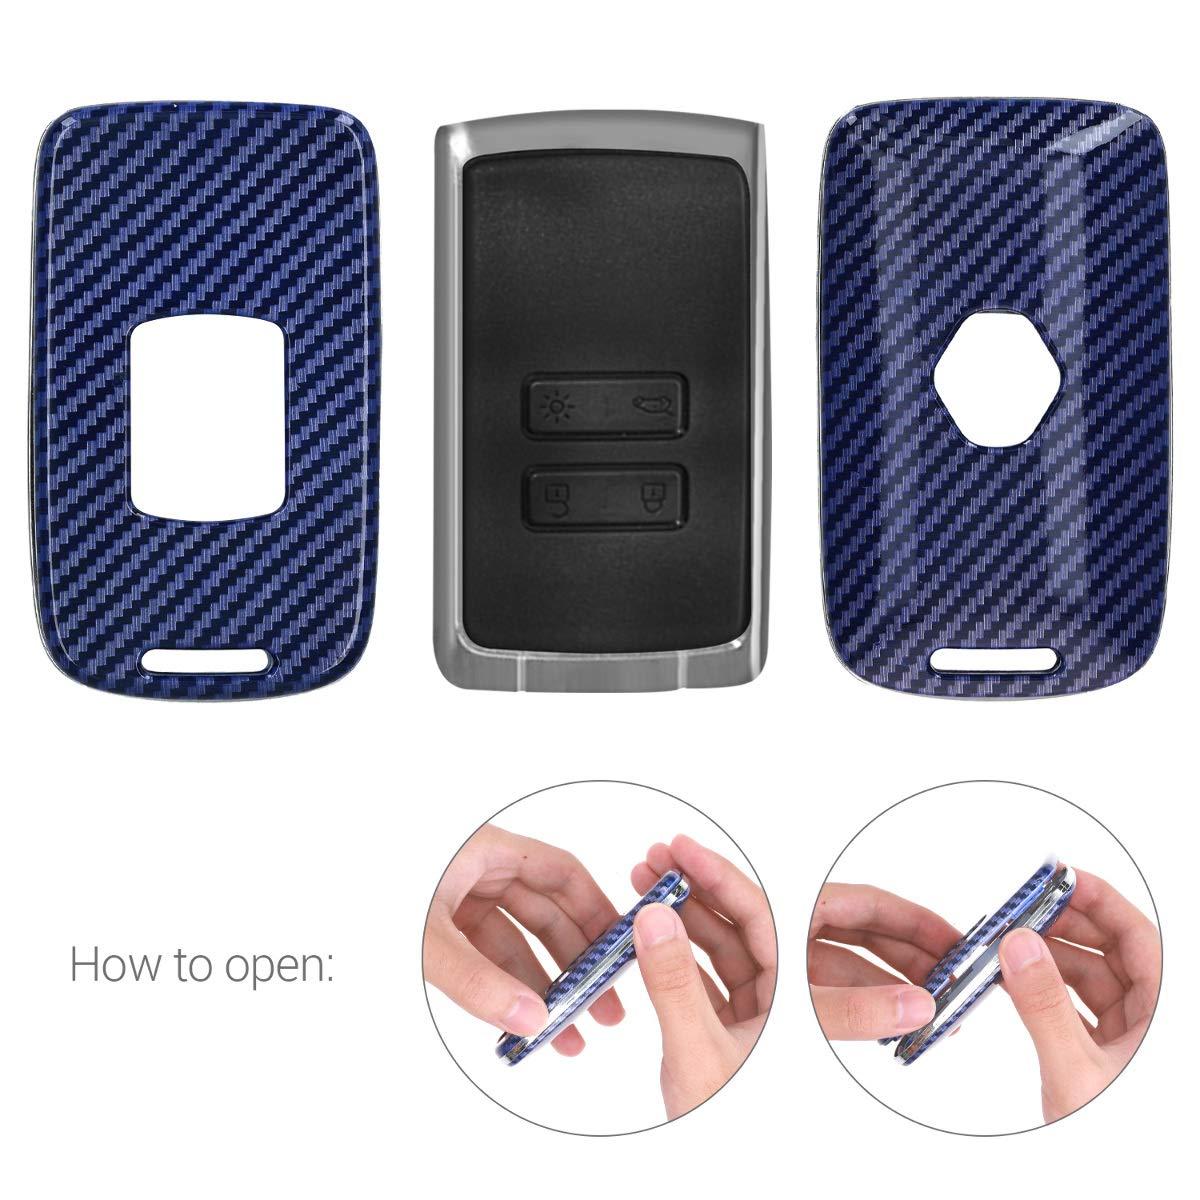 Dura Carcasa Protectora para Mando de Llave Smart Key de 4 Botones para Coche Renault - en Azul Solamente Keyless Go kwmobile Funda para Llave de Coche Renault